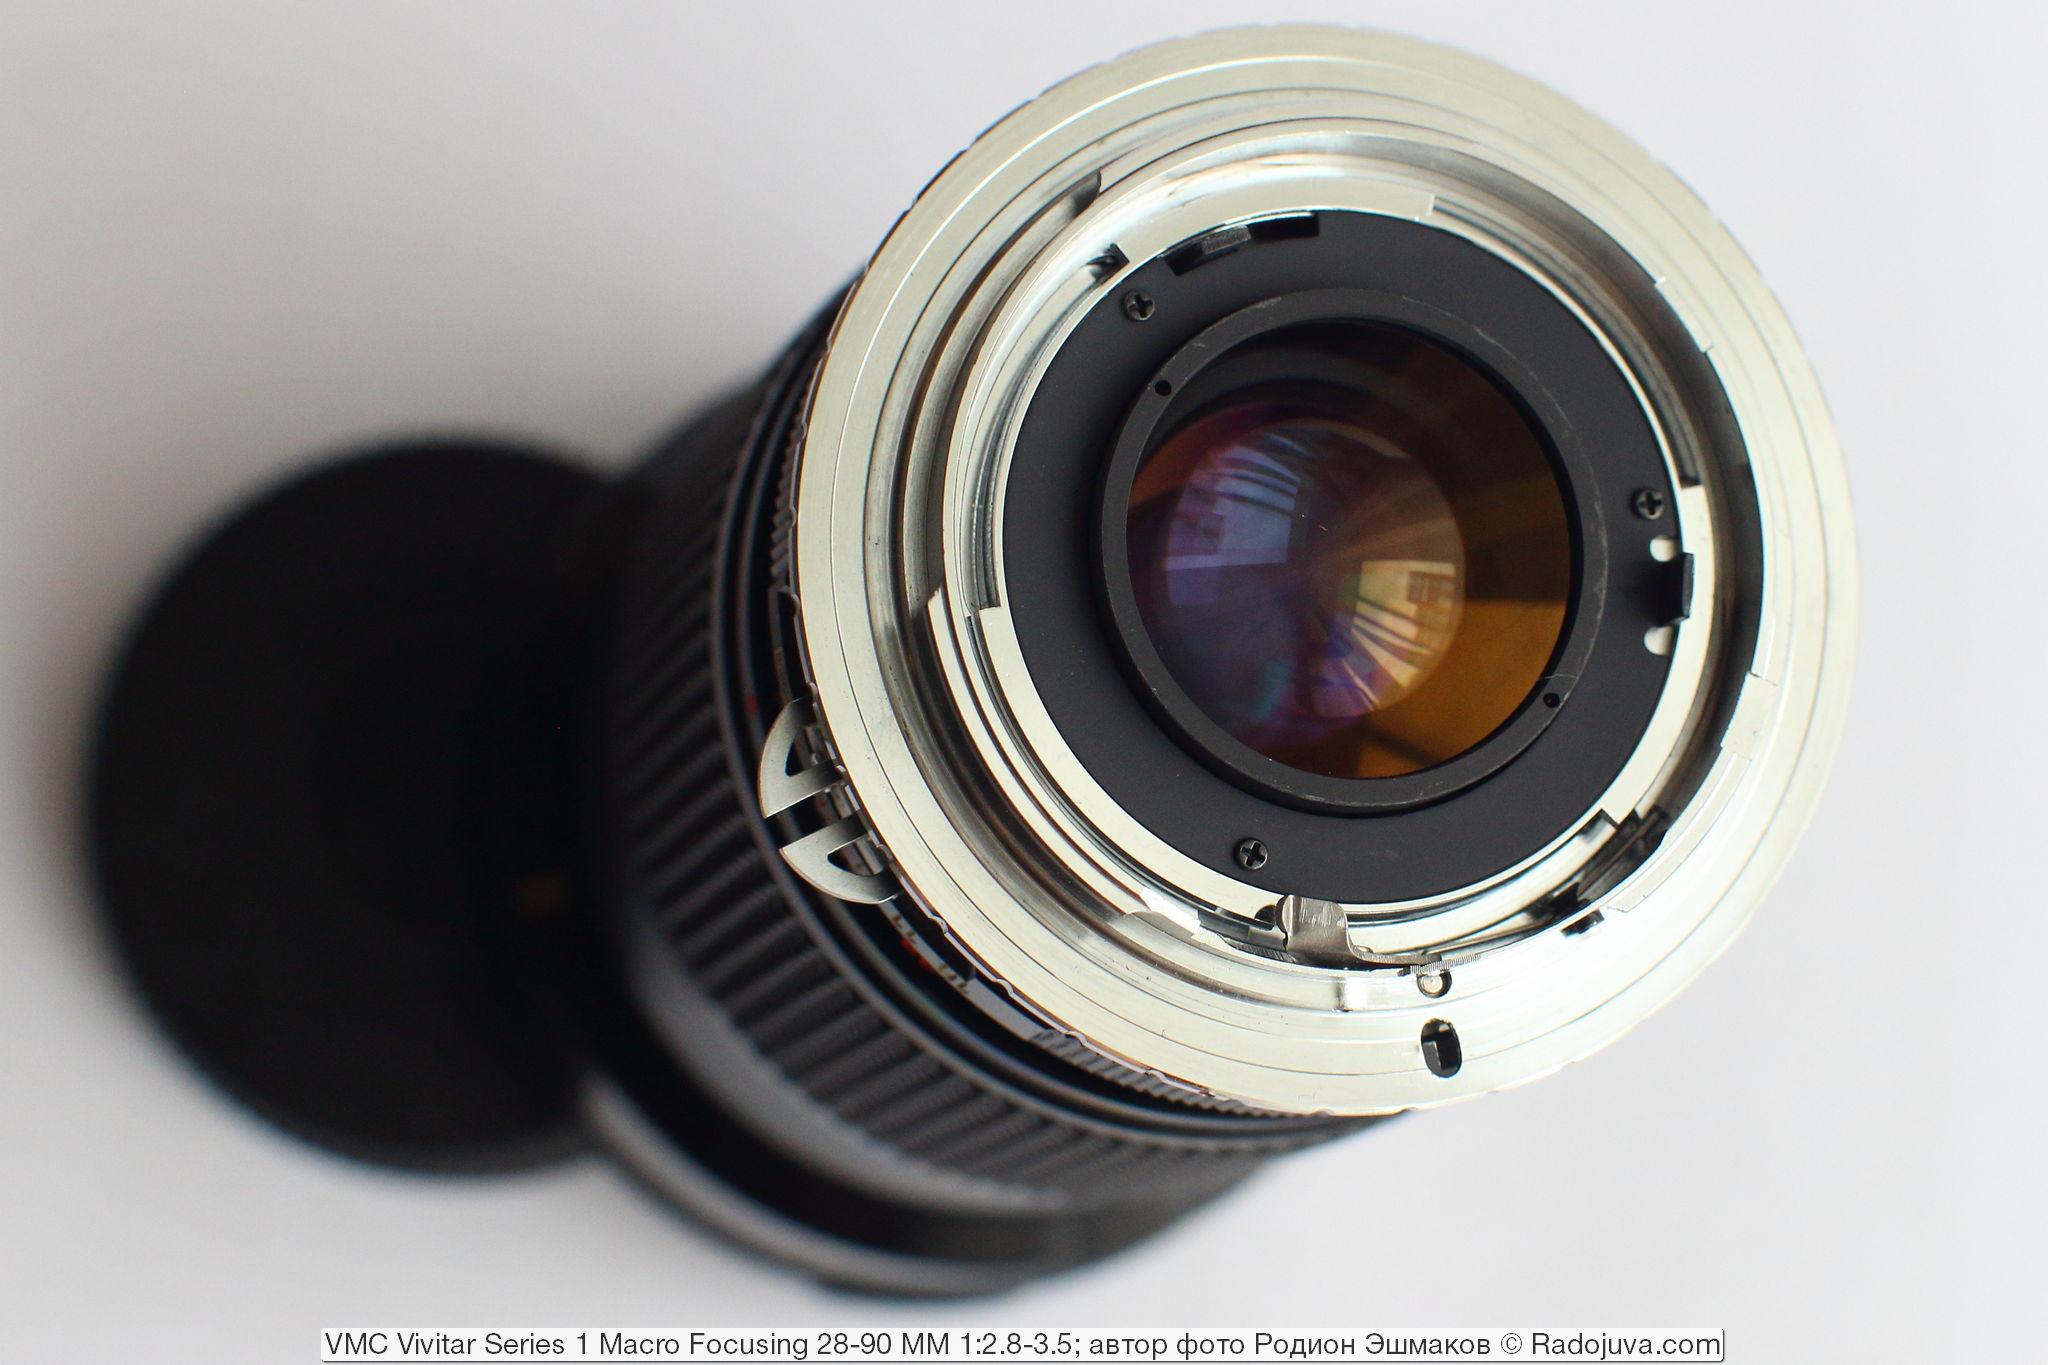 Задняя линза при фокусировке «на бесконечность» и ФР ~50 мм.